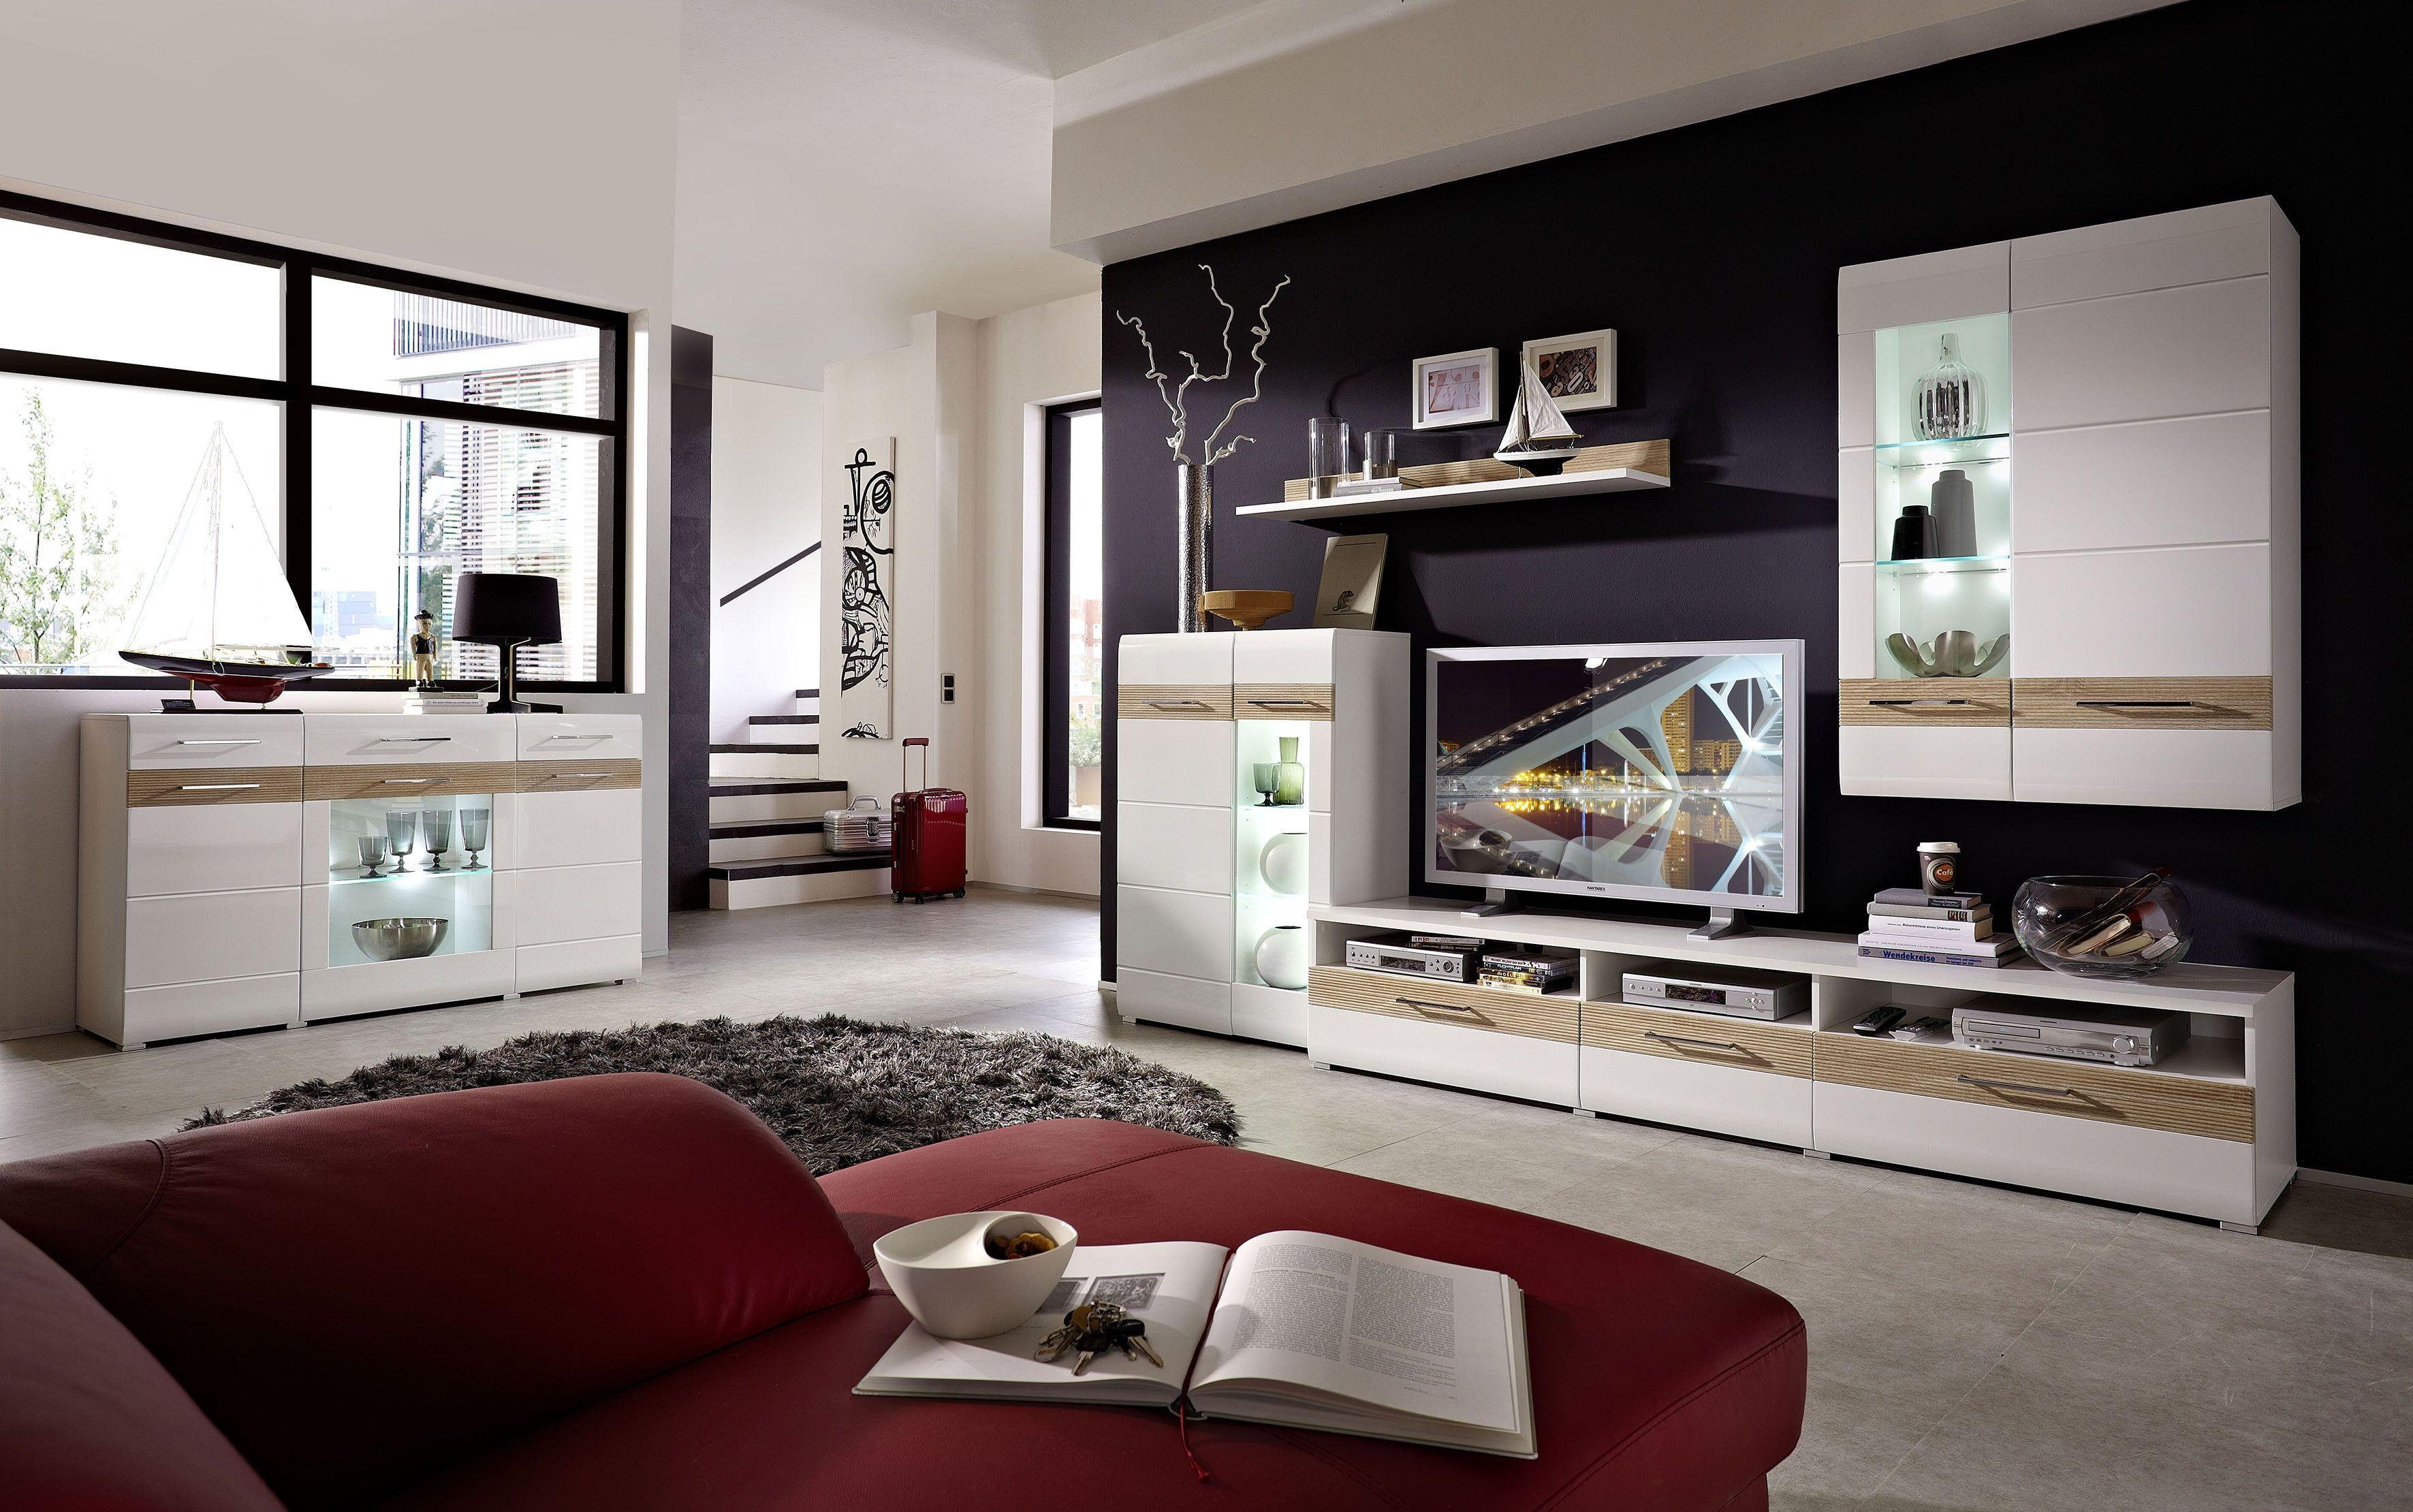 awesome wohnzimmer weiß hochglanz images - home design ideas